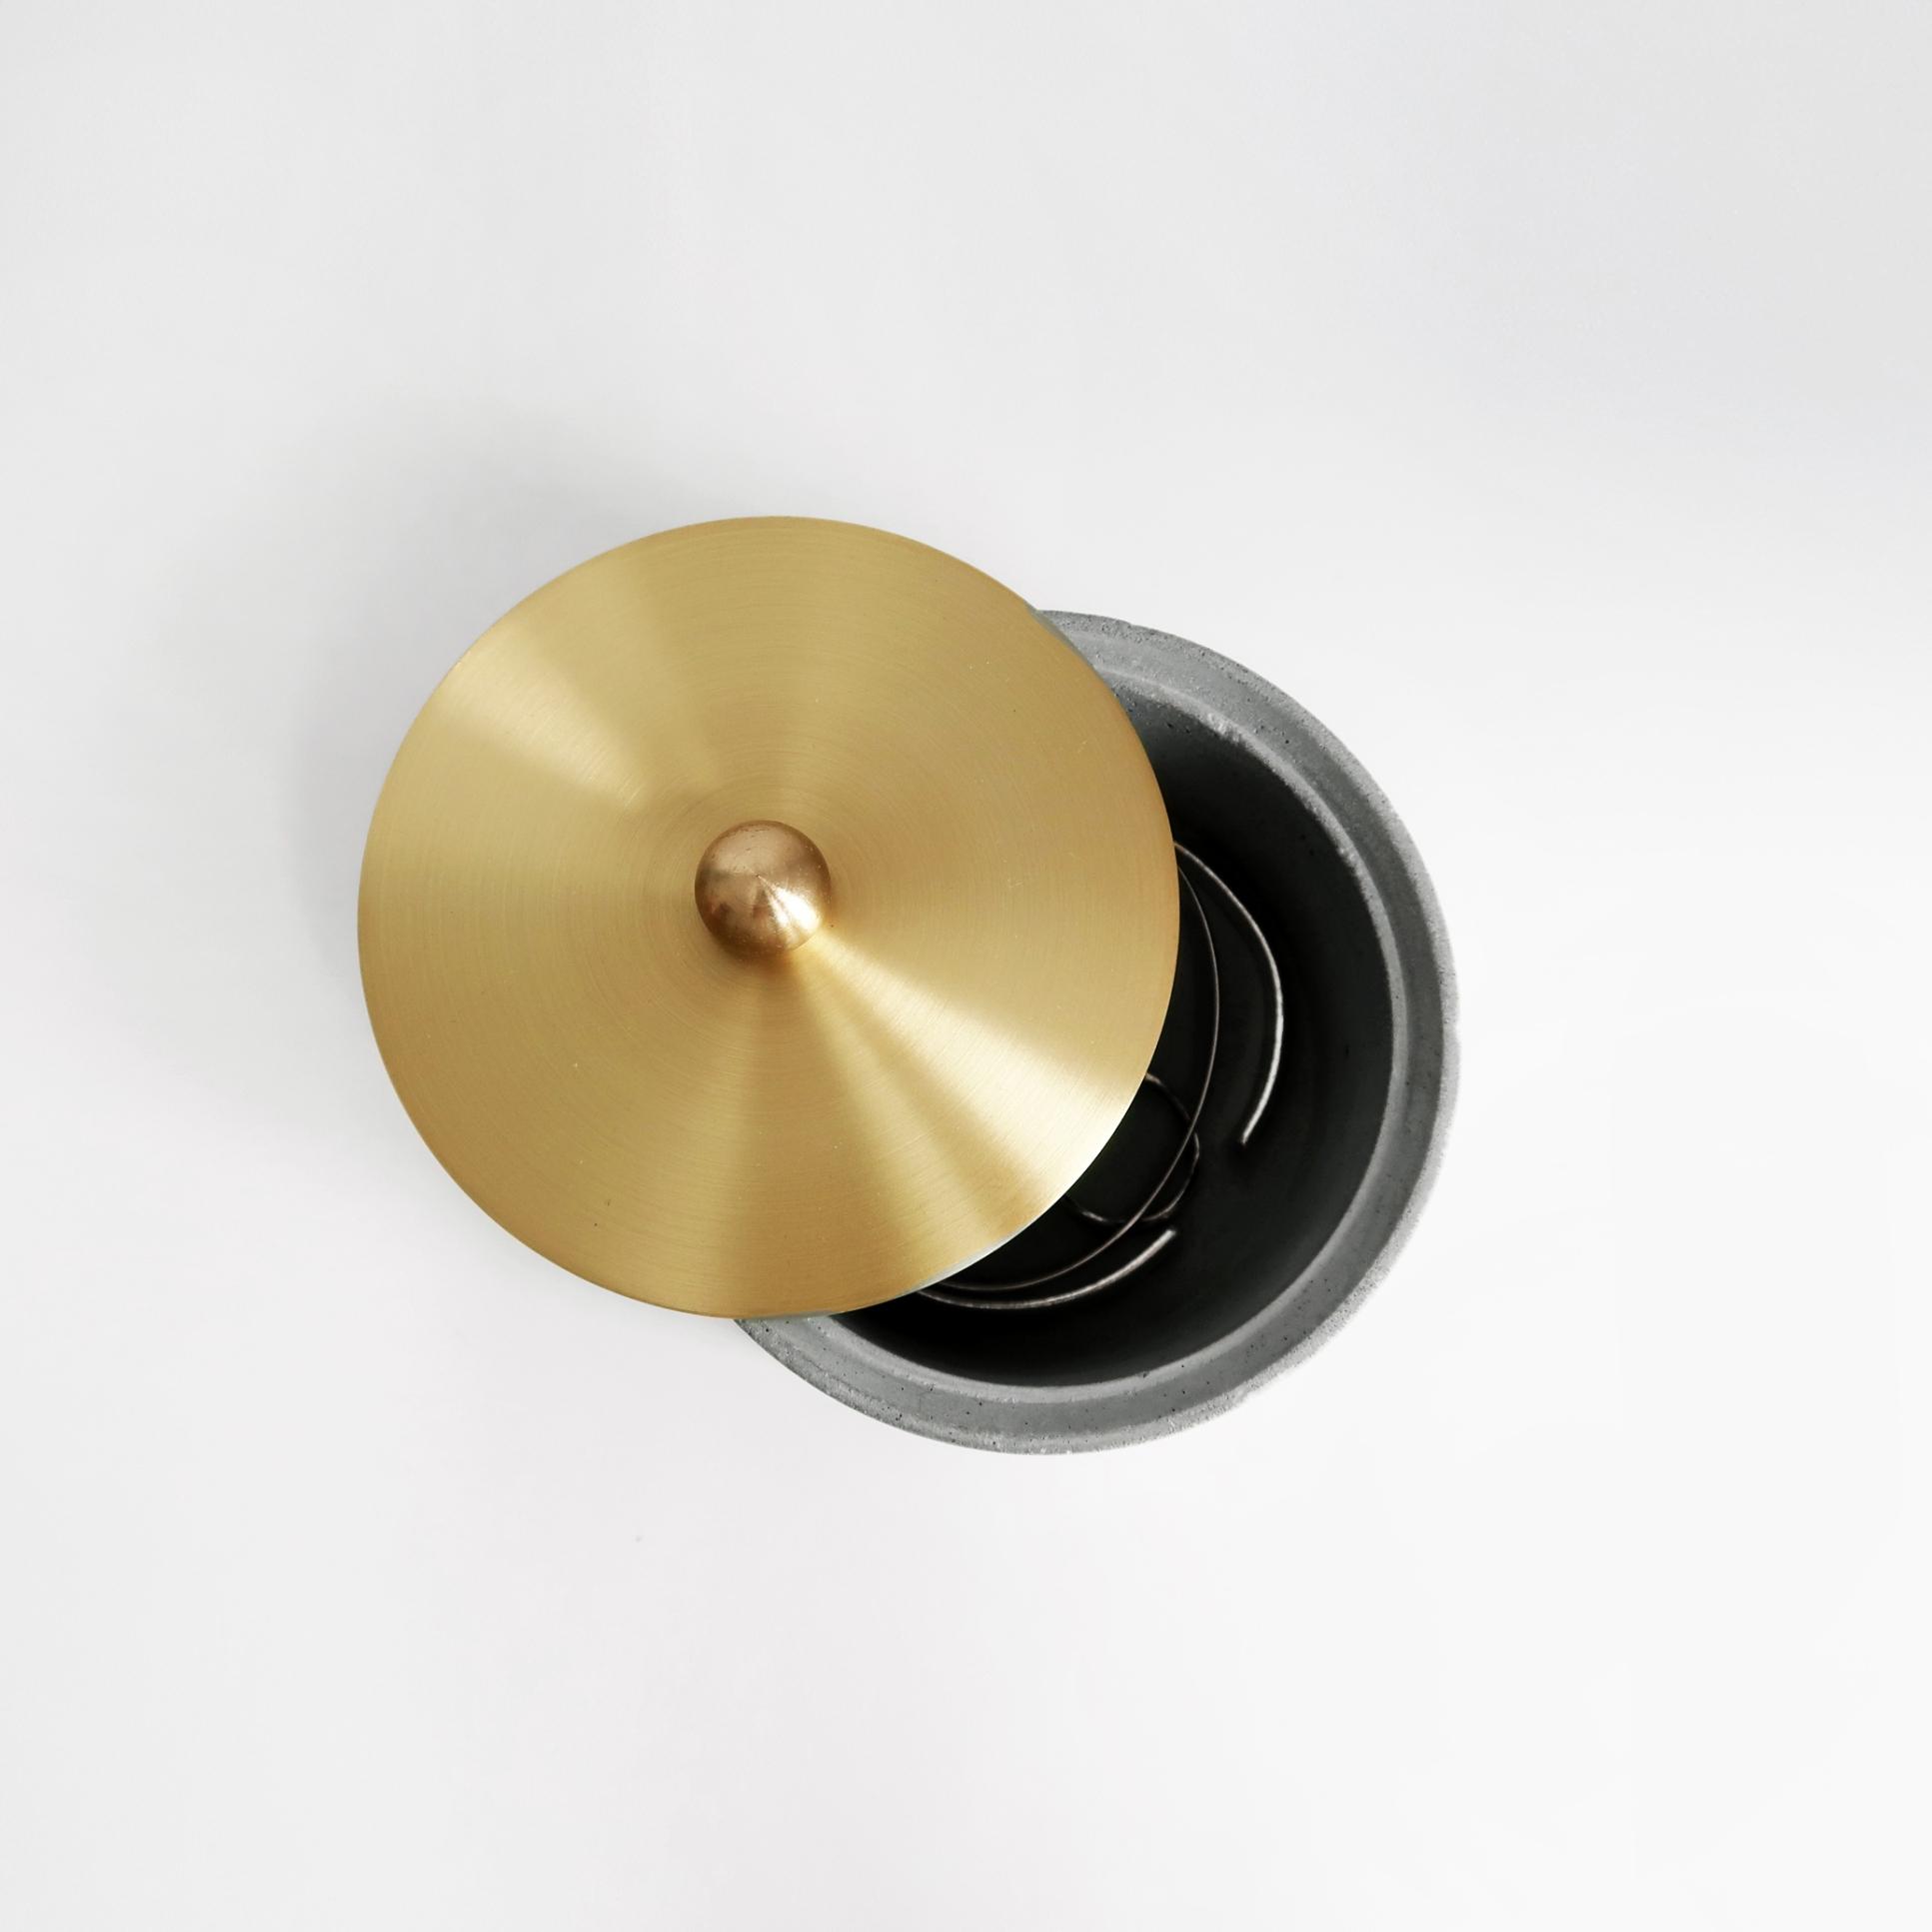 FULL MOON 懸月圓球黃銅蓋水泥收納容器・飾品盒・煙灰缸